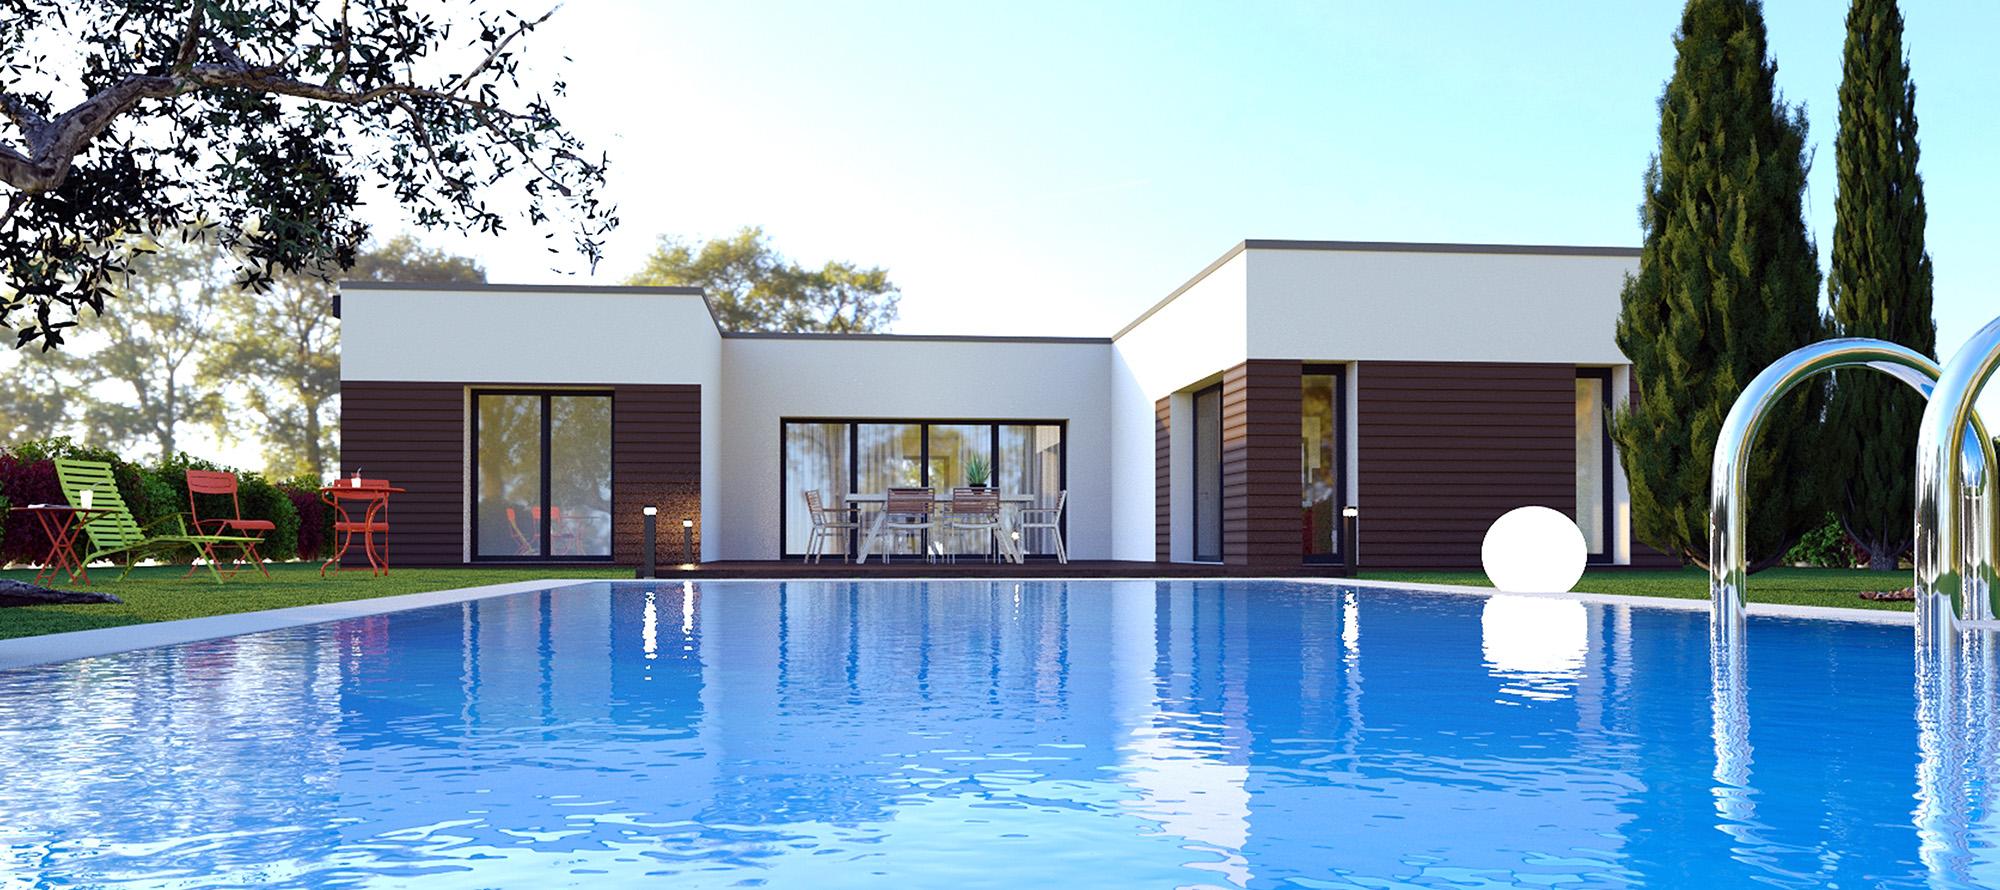 Maison Contemporaine Toit Terrasse villa contemporaine luxéa | maison laure